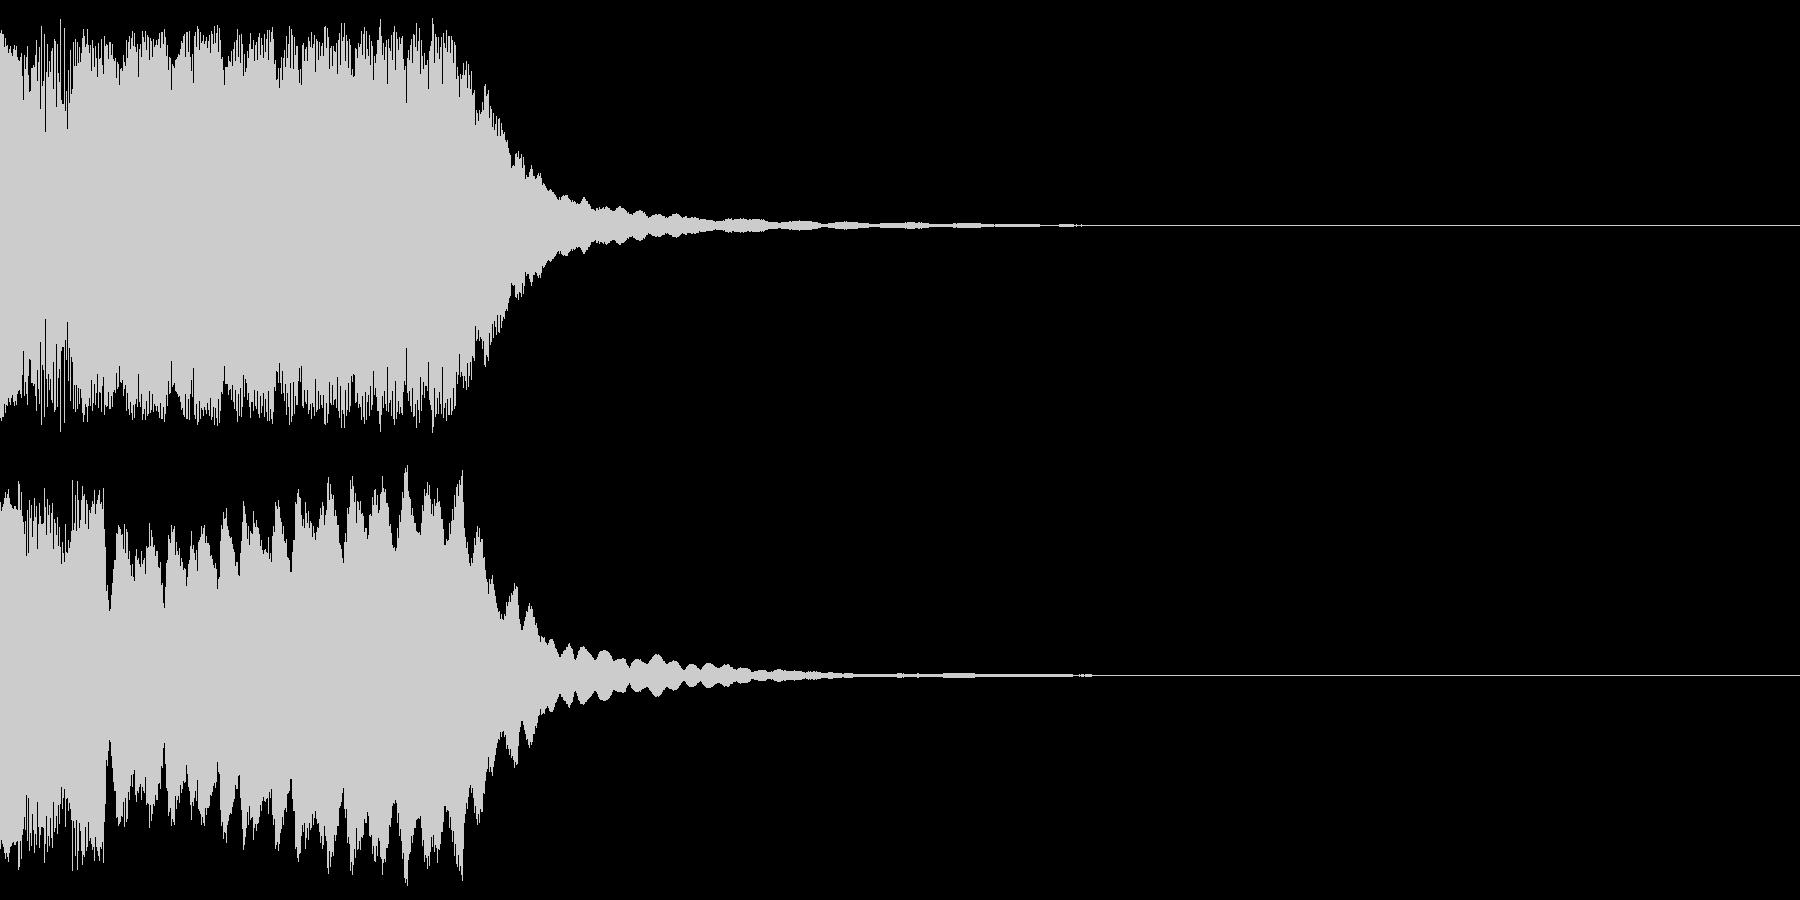 キュピーン!(システム音)の未再生の波形